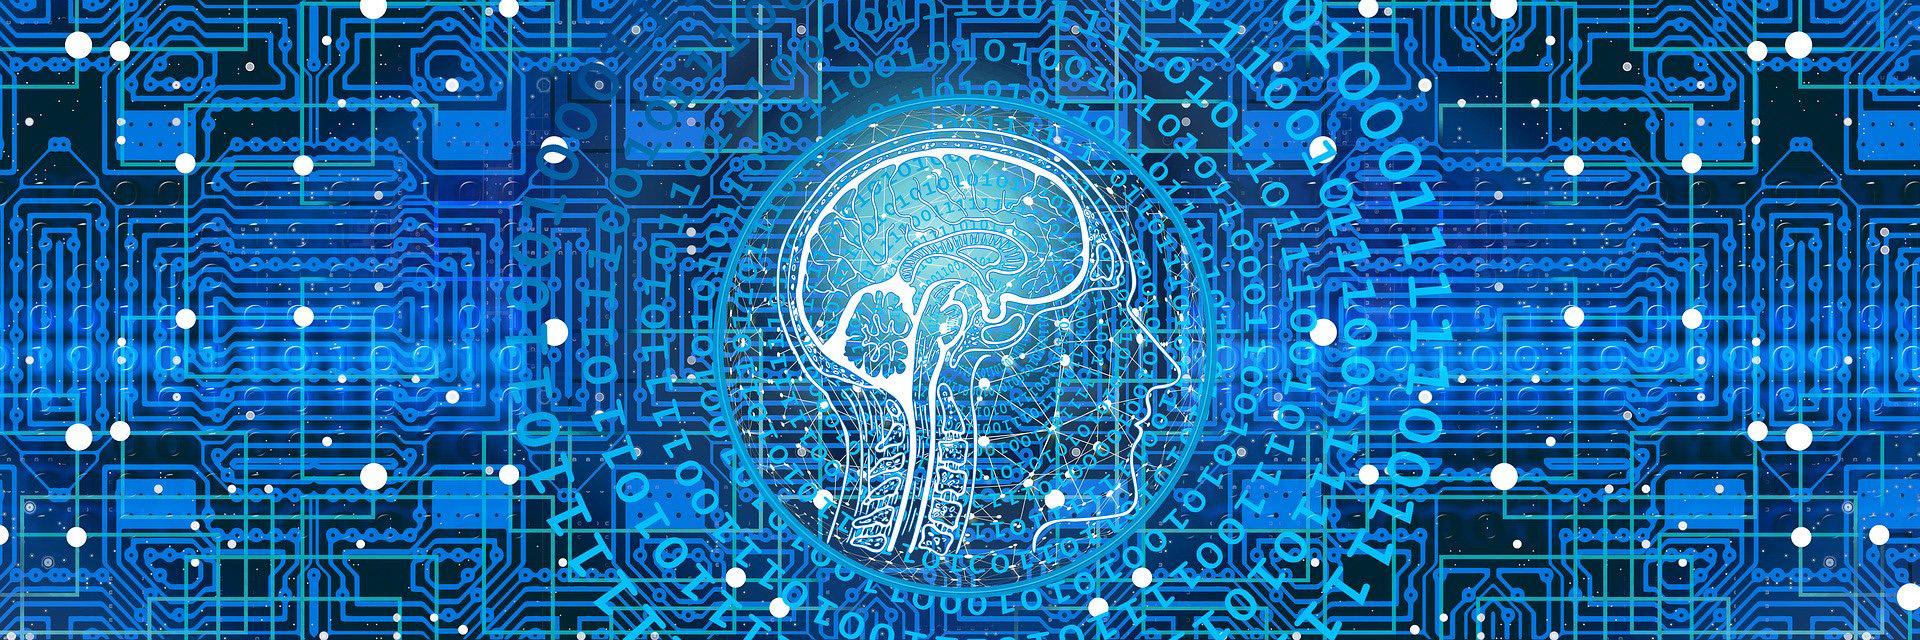 L'IA pour une société inclusive et l'accessibilité numérique : AI for humanity